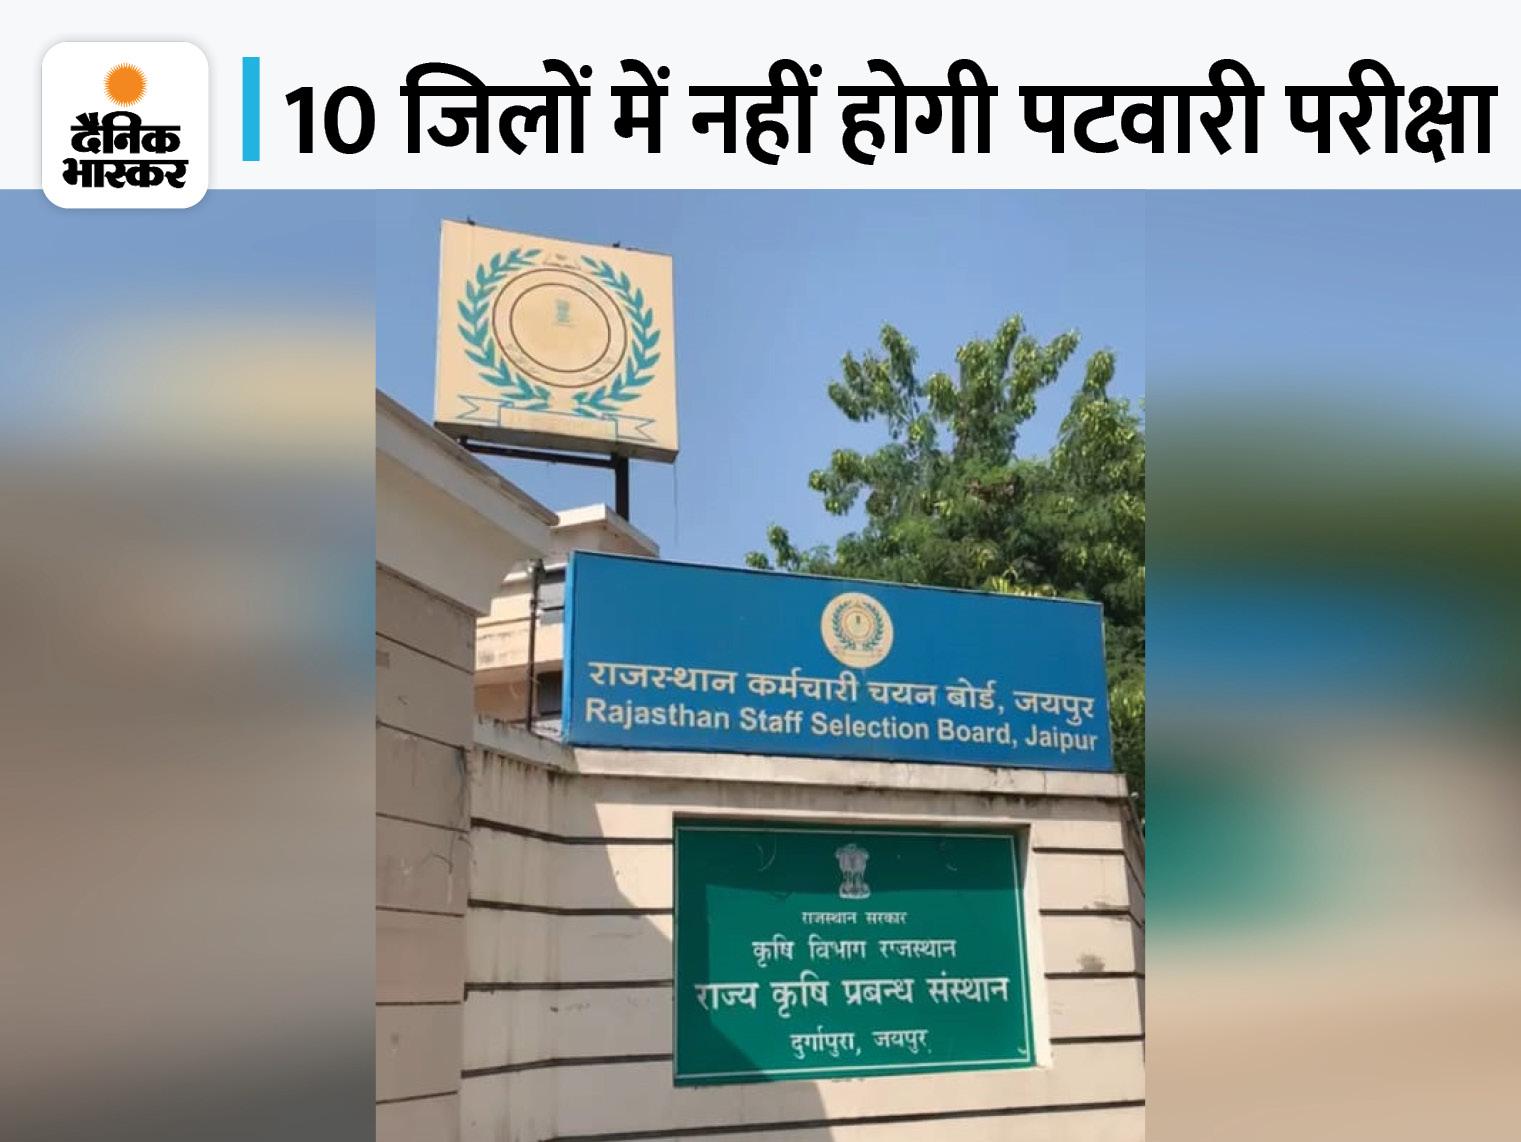 ऑफिशियल वेबसाइट पर जाकर करें डाउनलोड; 5378 पदों के लिए 15 लाख से ज्यादा अभ्यर्थी देंगे परीक्षा|पटवारी भर्ती परीक्षा,RSMSSB Patwari Exam 2021 - Dainik Bhaskar